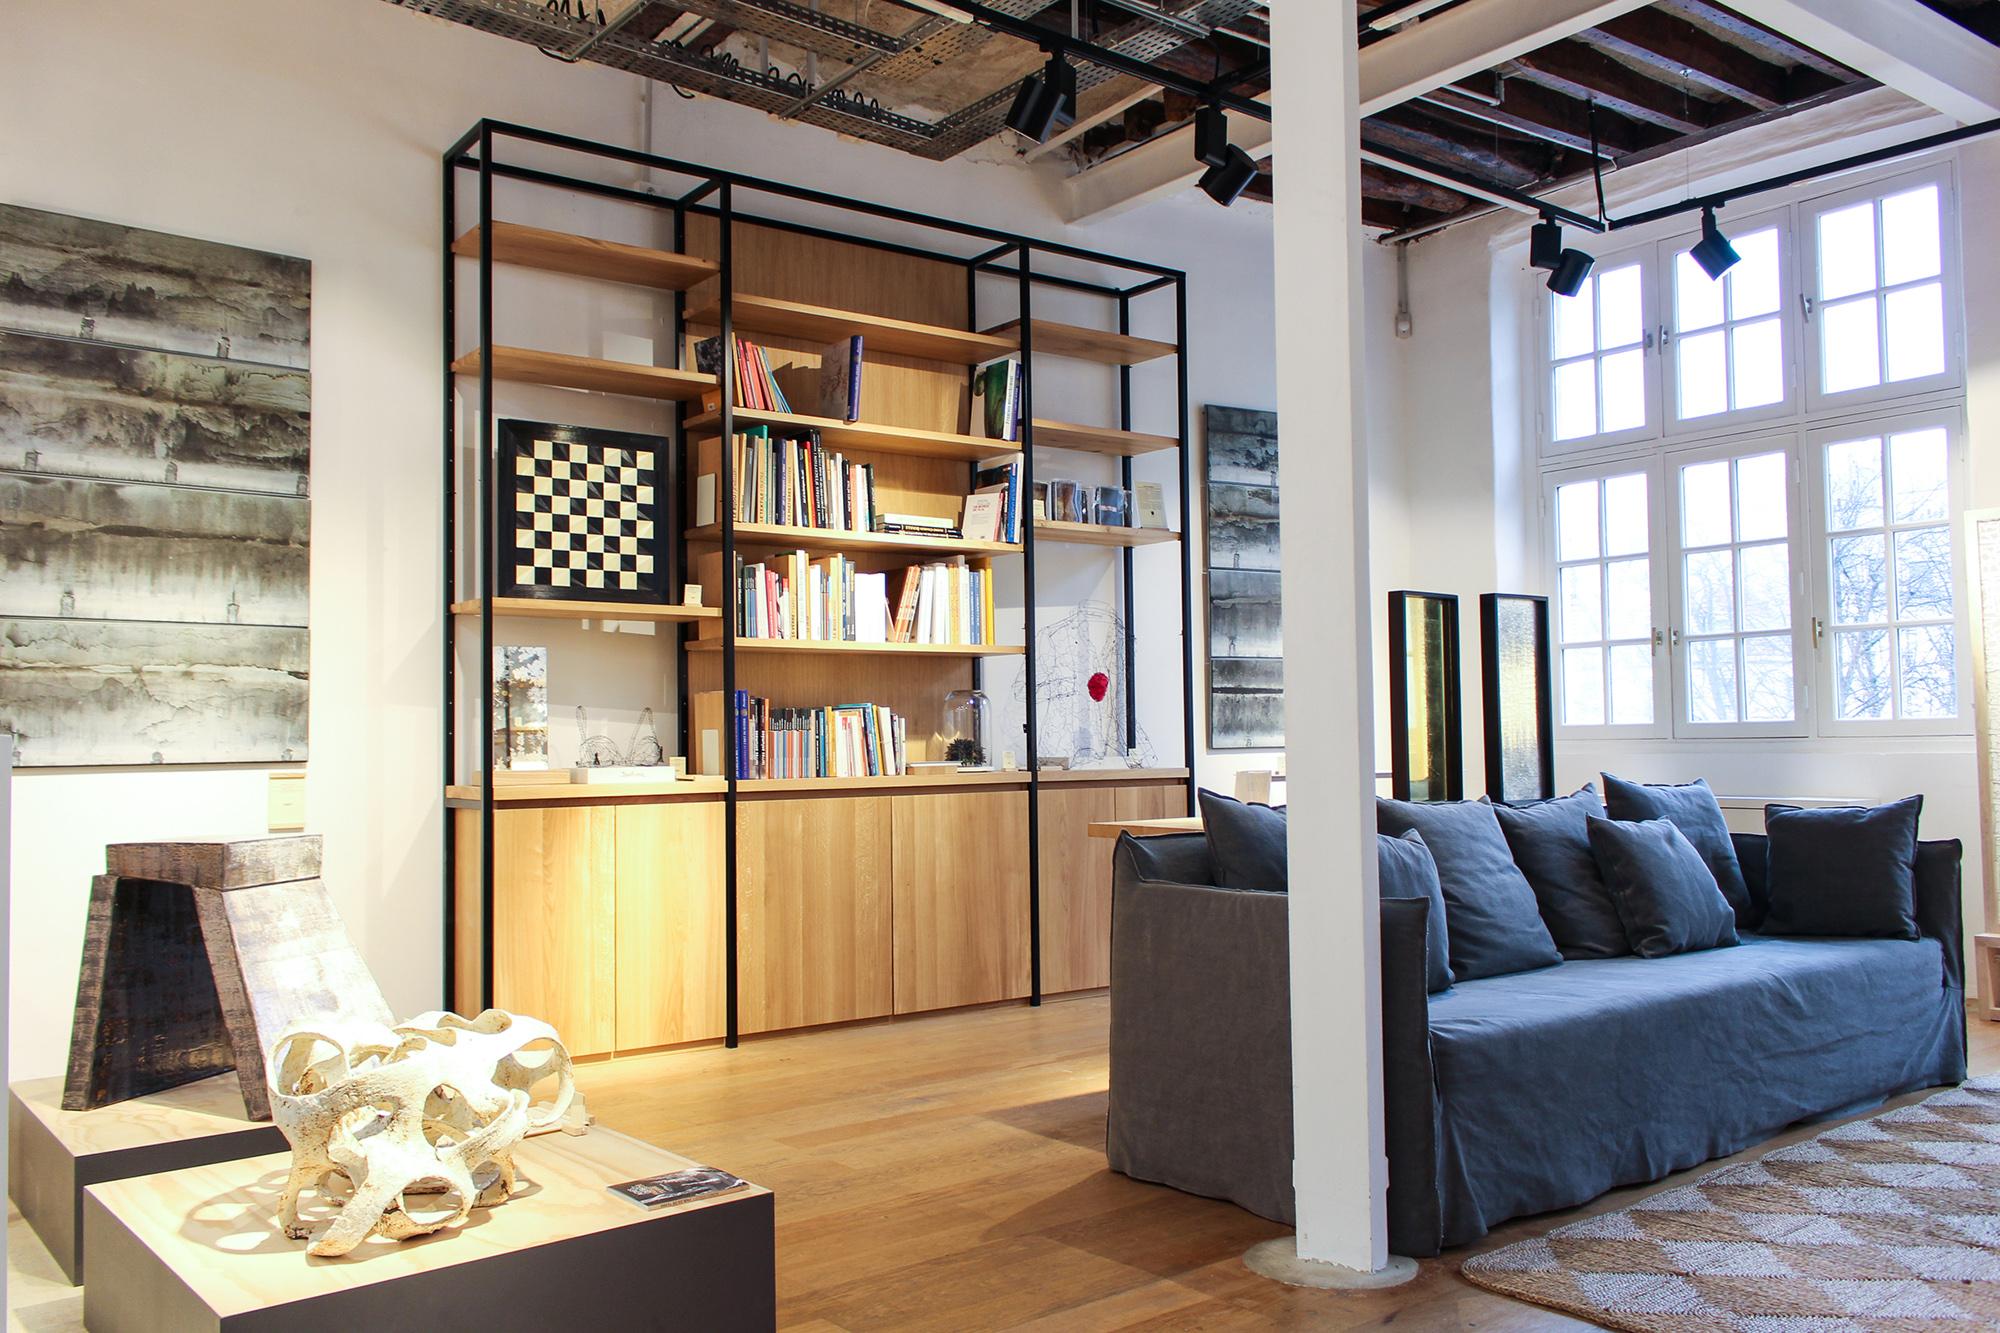 Hip paris blog empreintes a new concept store dedicated to french craftsma - Concept store marais ...